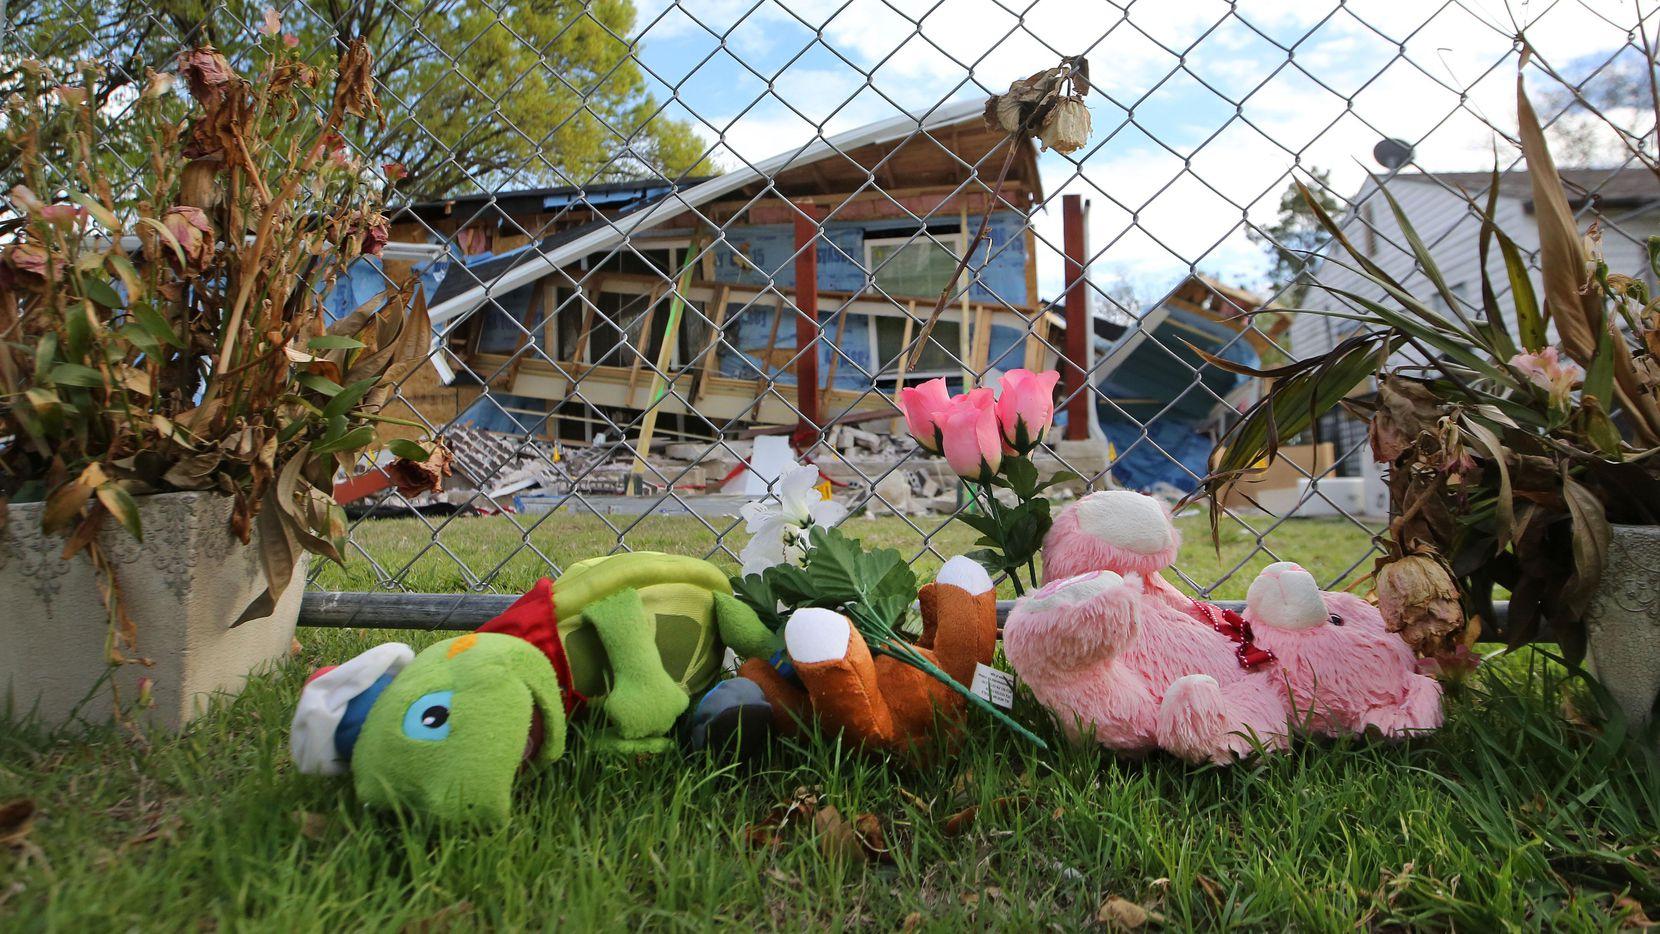 """La muerte de la niña Linda """"Michellita"""" Rogers en febrero conmovió al vecindario en el noroeste de Dallas. Días más tarde, Atmos cortó el servicio a cientos de familias para reparar las tuberías. (DMN/LOUIS DeLUCA)"""